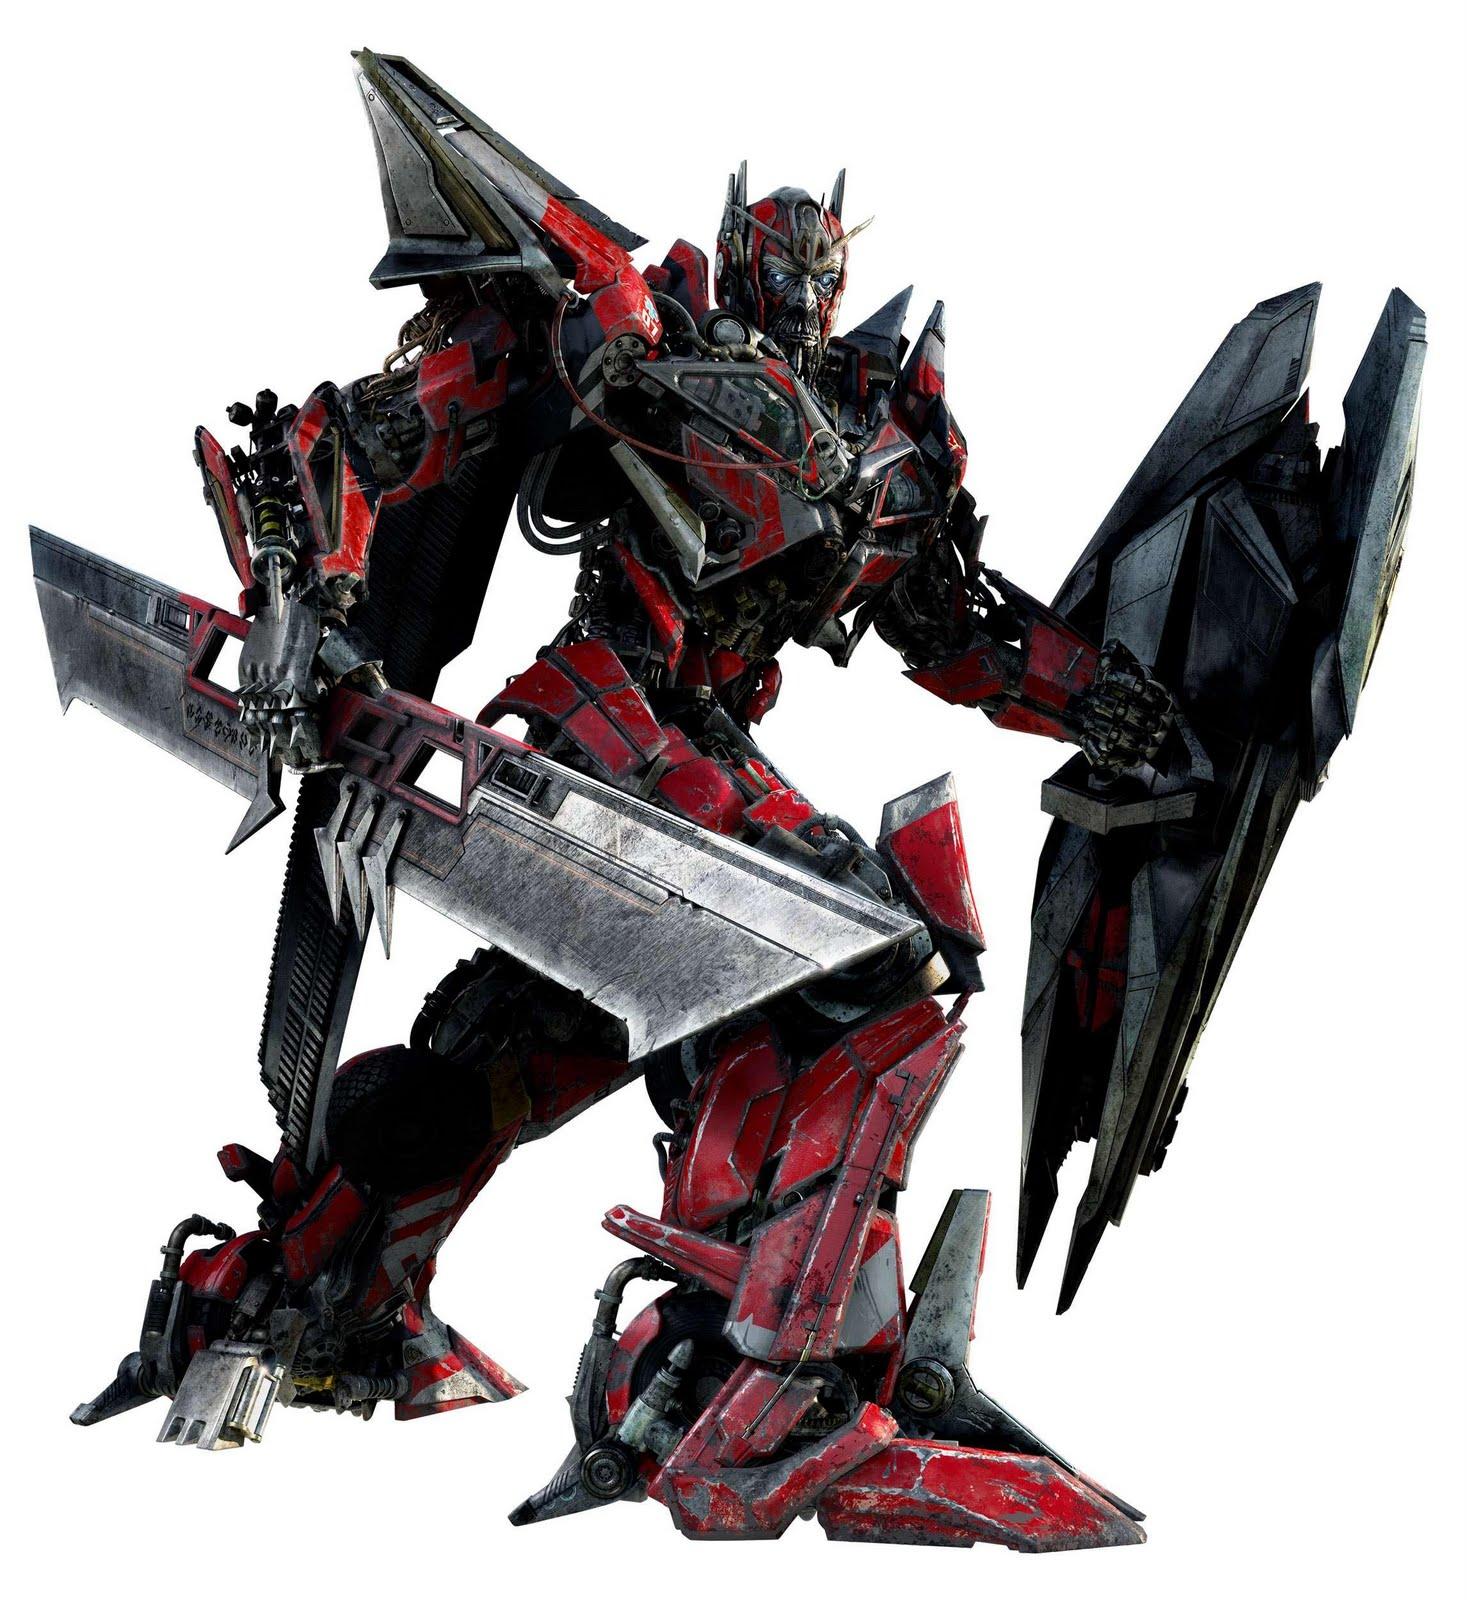 sentinel prime | transformers movie wiki | fandom poweredwikia